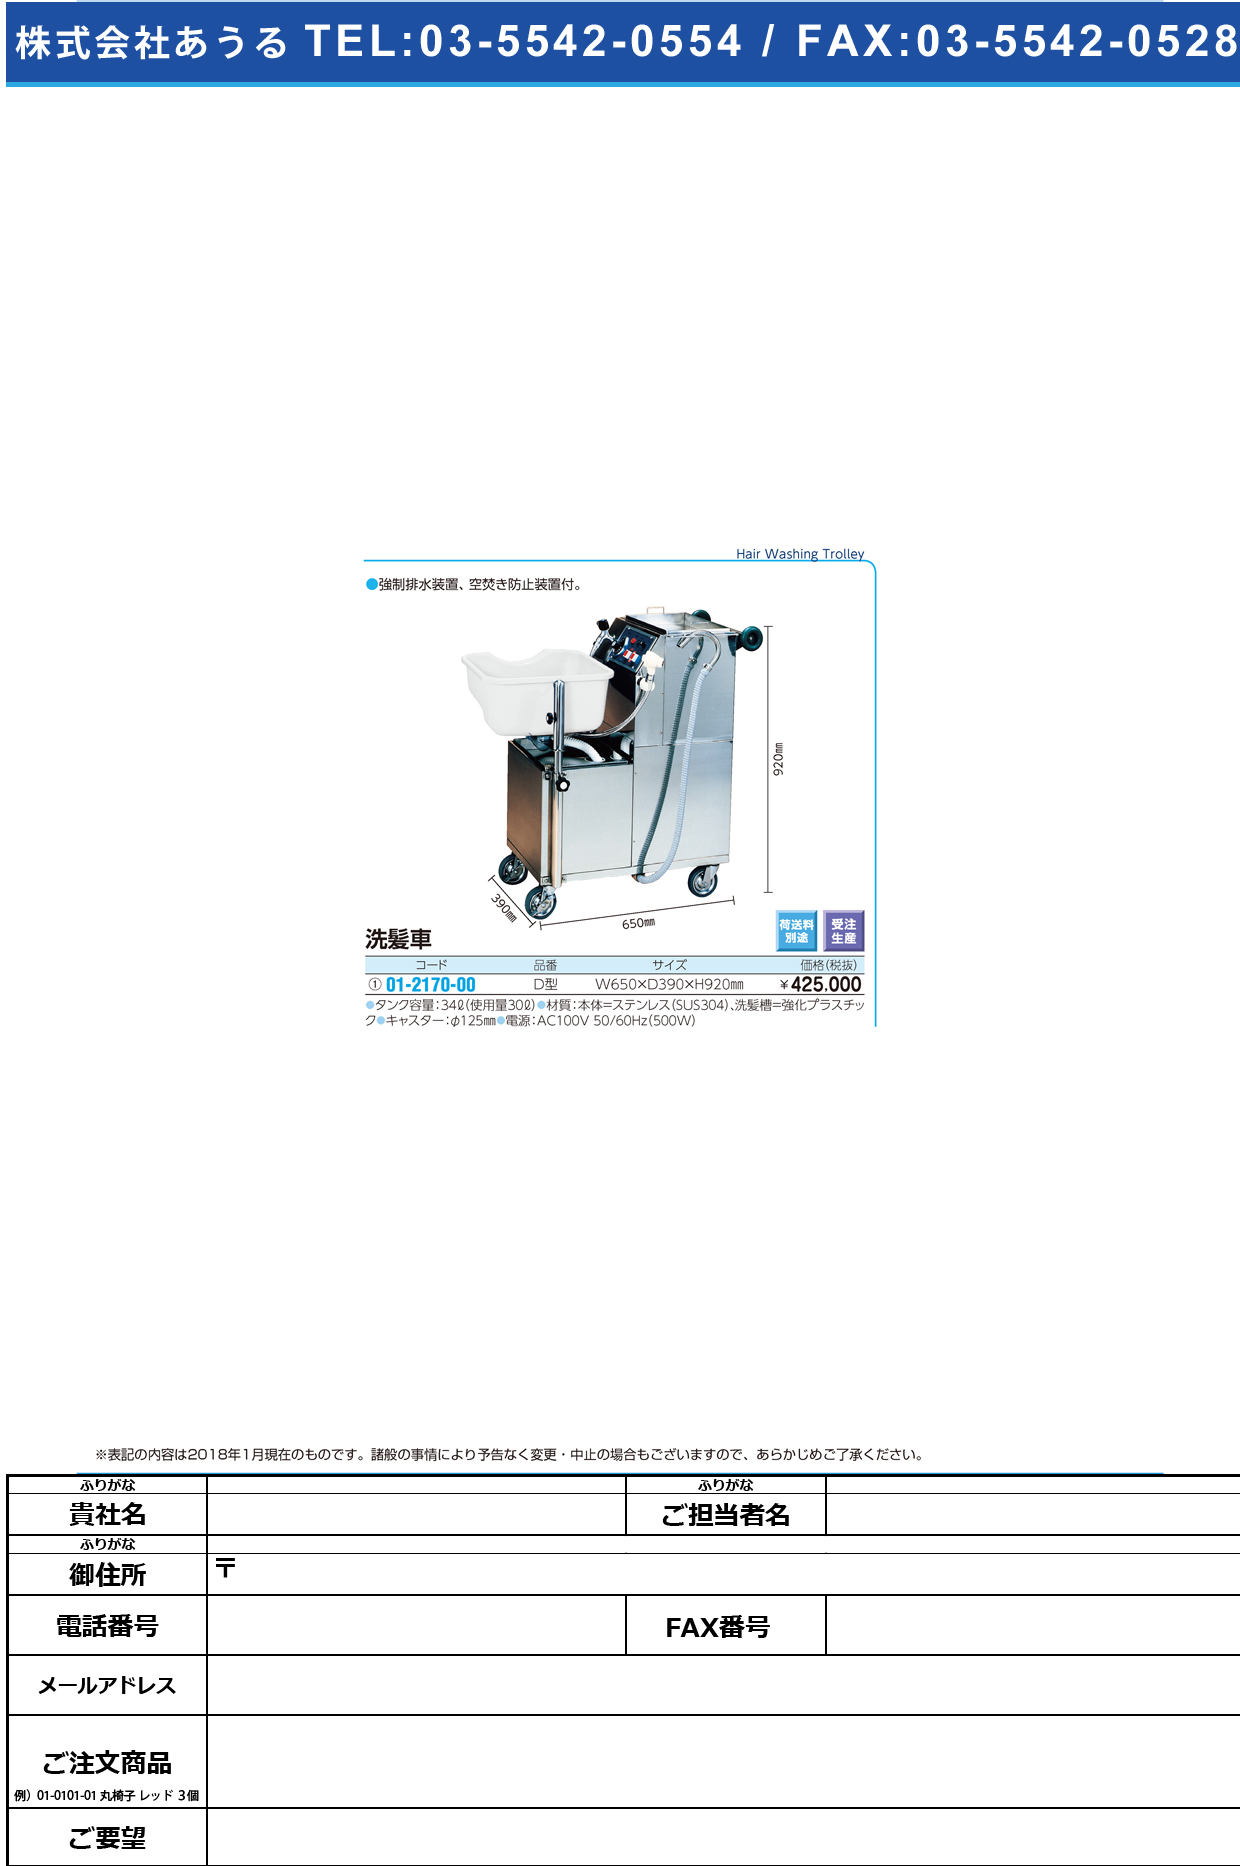 (01-2170-00)洗髪車D型 W650XD390XH920MM センパツシャDガタ【1台単位】【2018年カタログ商品】